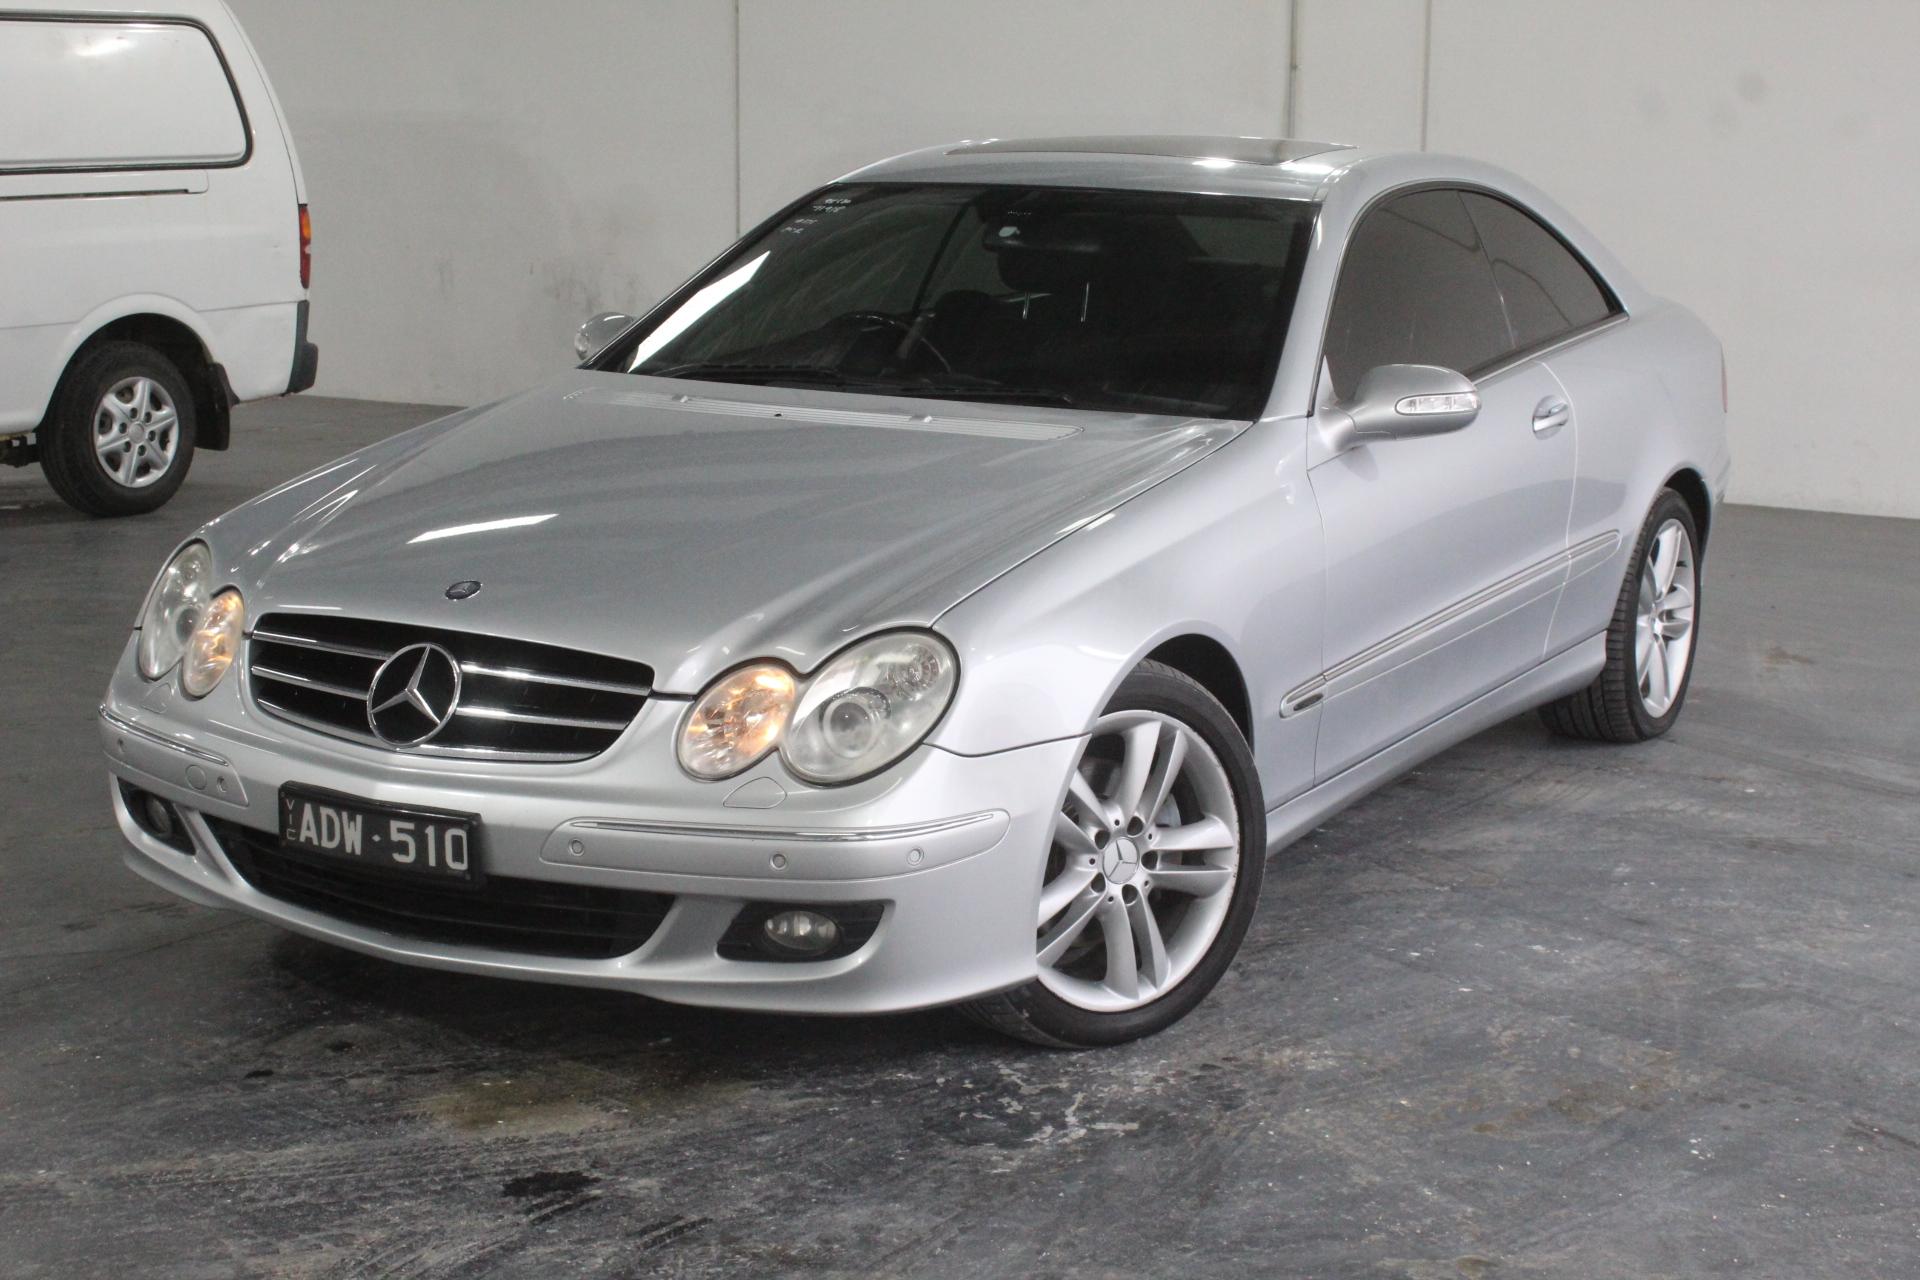 2006 Mercedes Benz CLK350 Avantgarde C209 Automatic Coupe